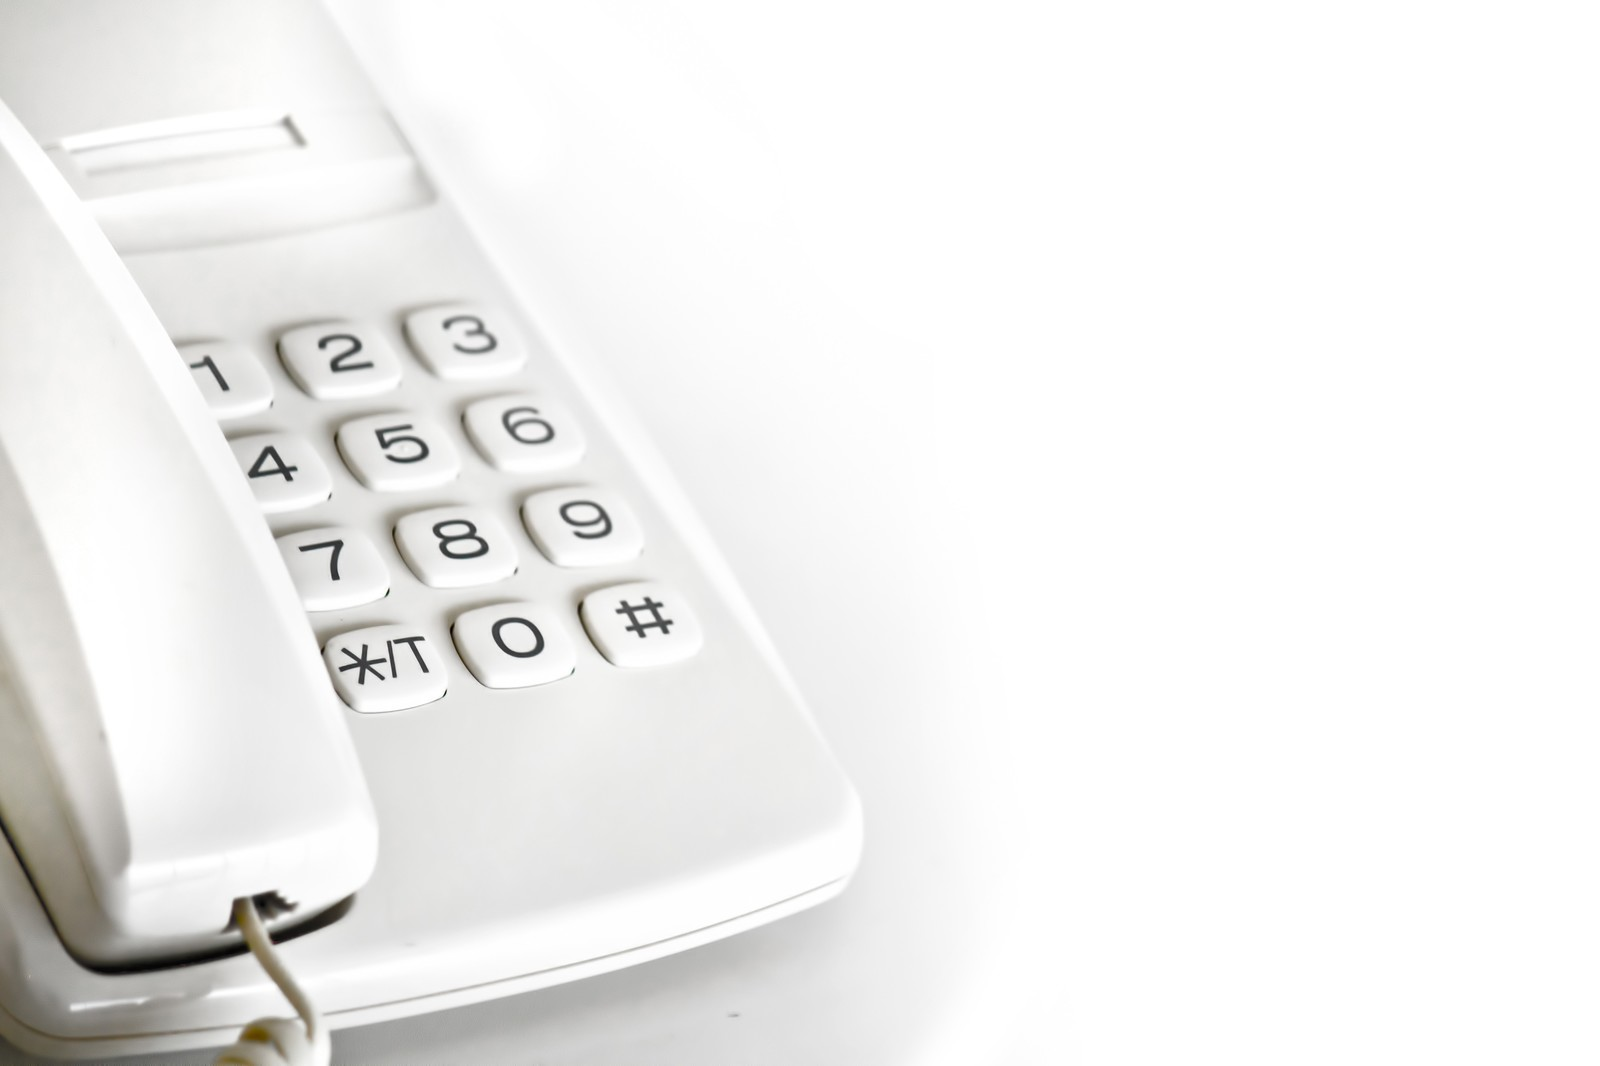 電話対応の練習に使う電話